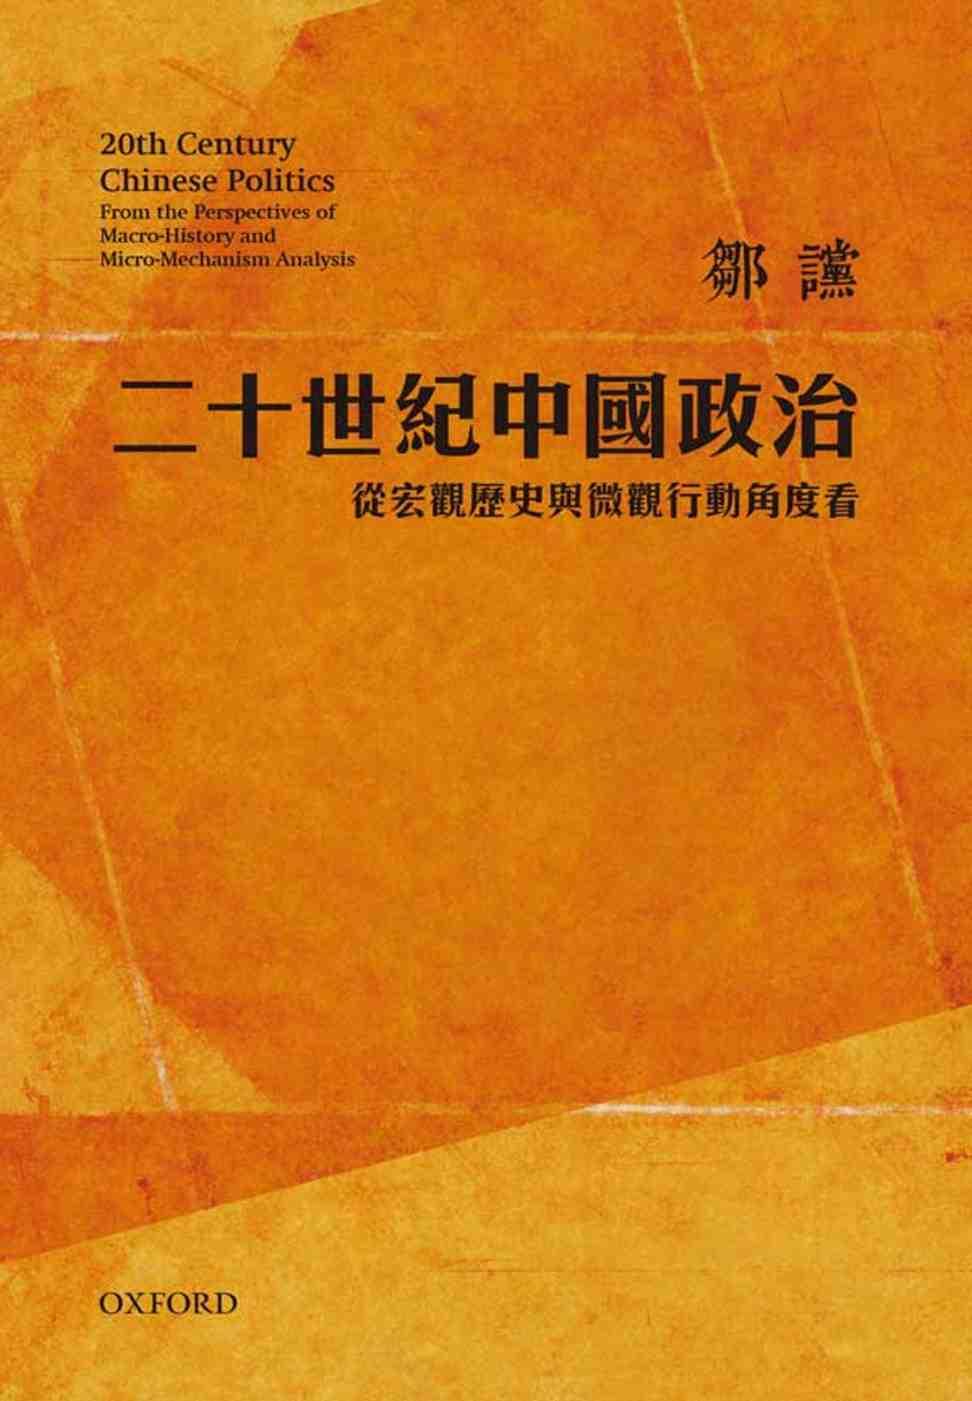 ◤博客來BOOKS◢ 暢銷書榜《推薦》二十世紀中國政治:從宏觀歷史與微觀行動角度看(修訂版)